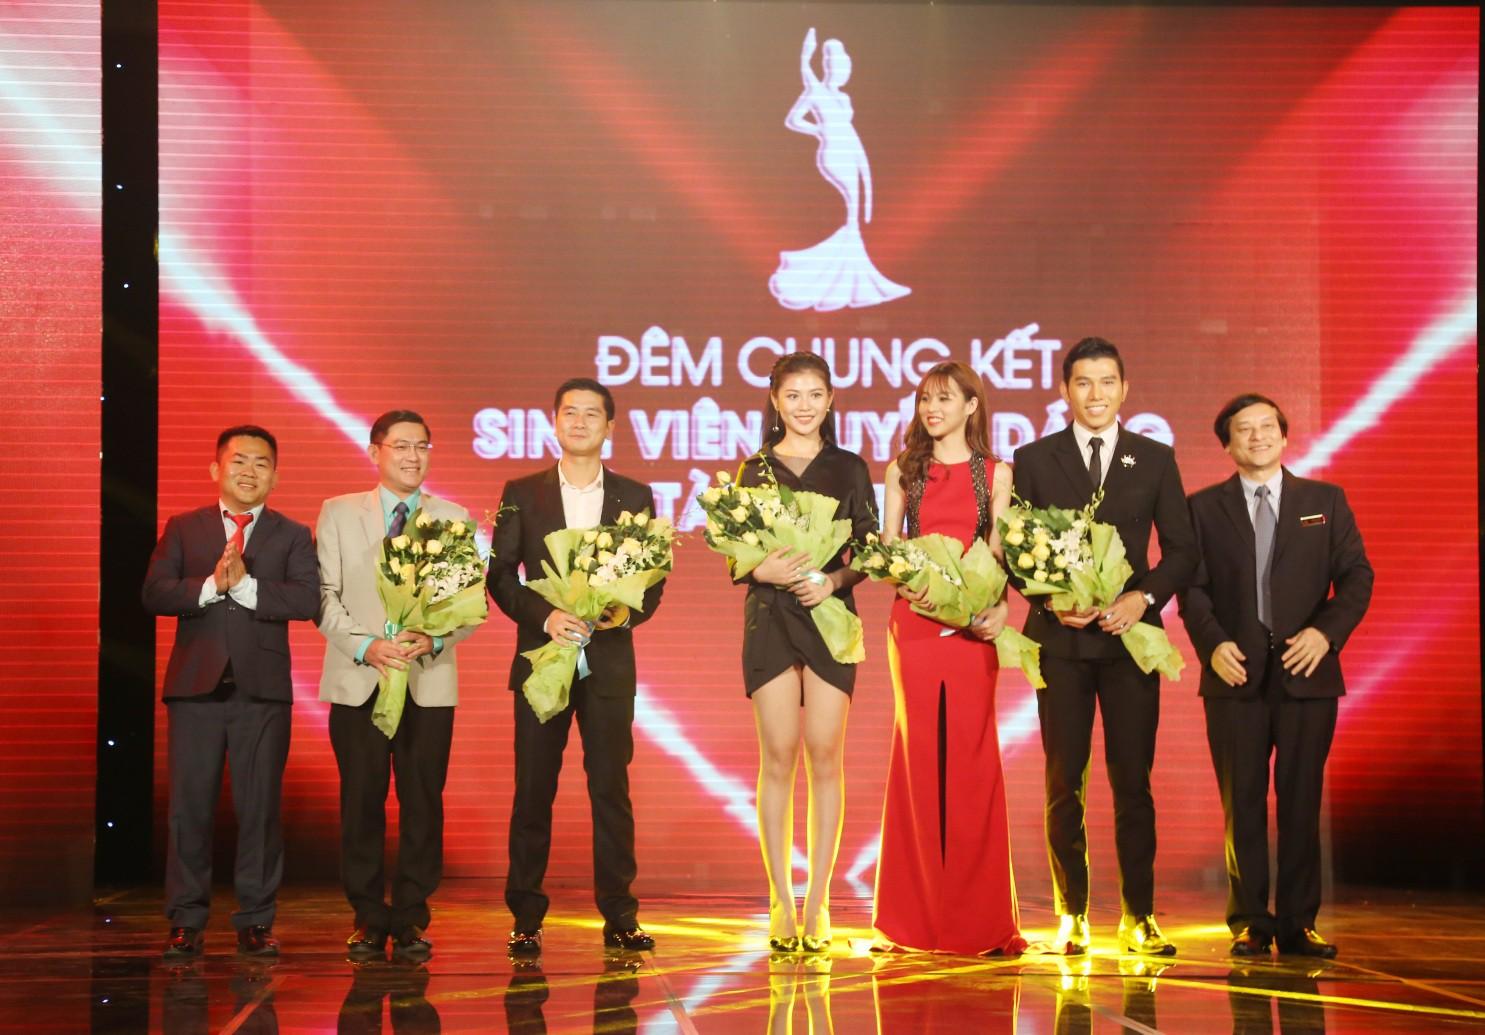 Ông bầu của các hoa hậu – NTK Nguyễn Việt Hùng là gương mặt đồng hành với cuộc thi Miss UEF 2019 - Ảnh 1.